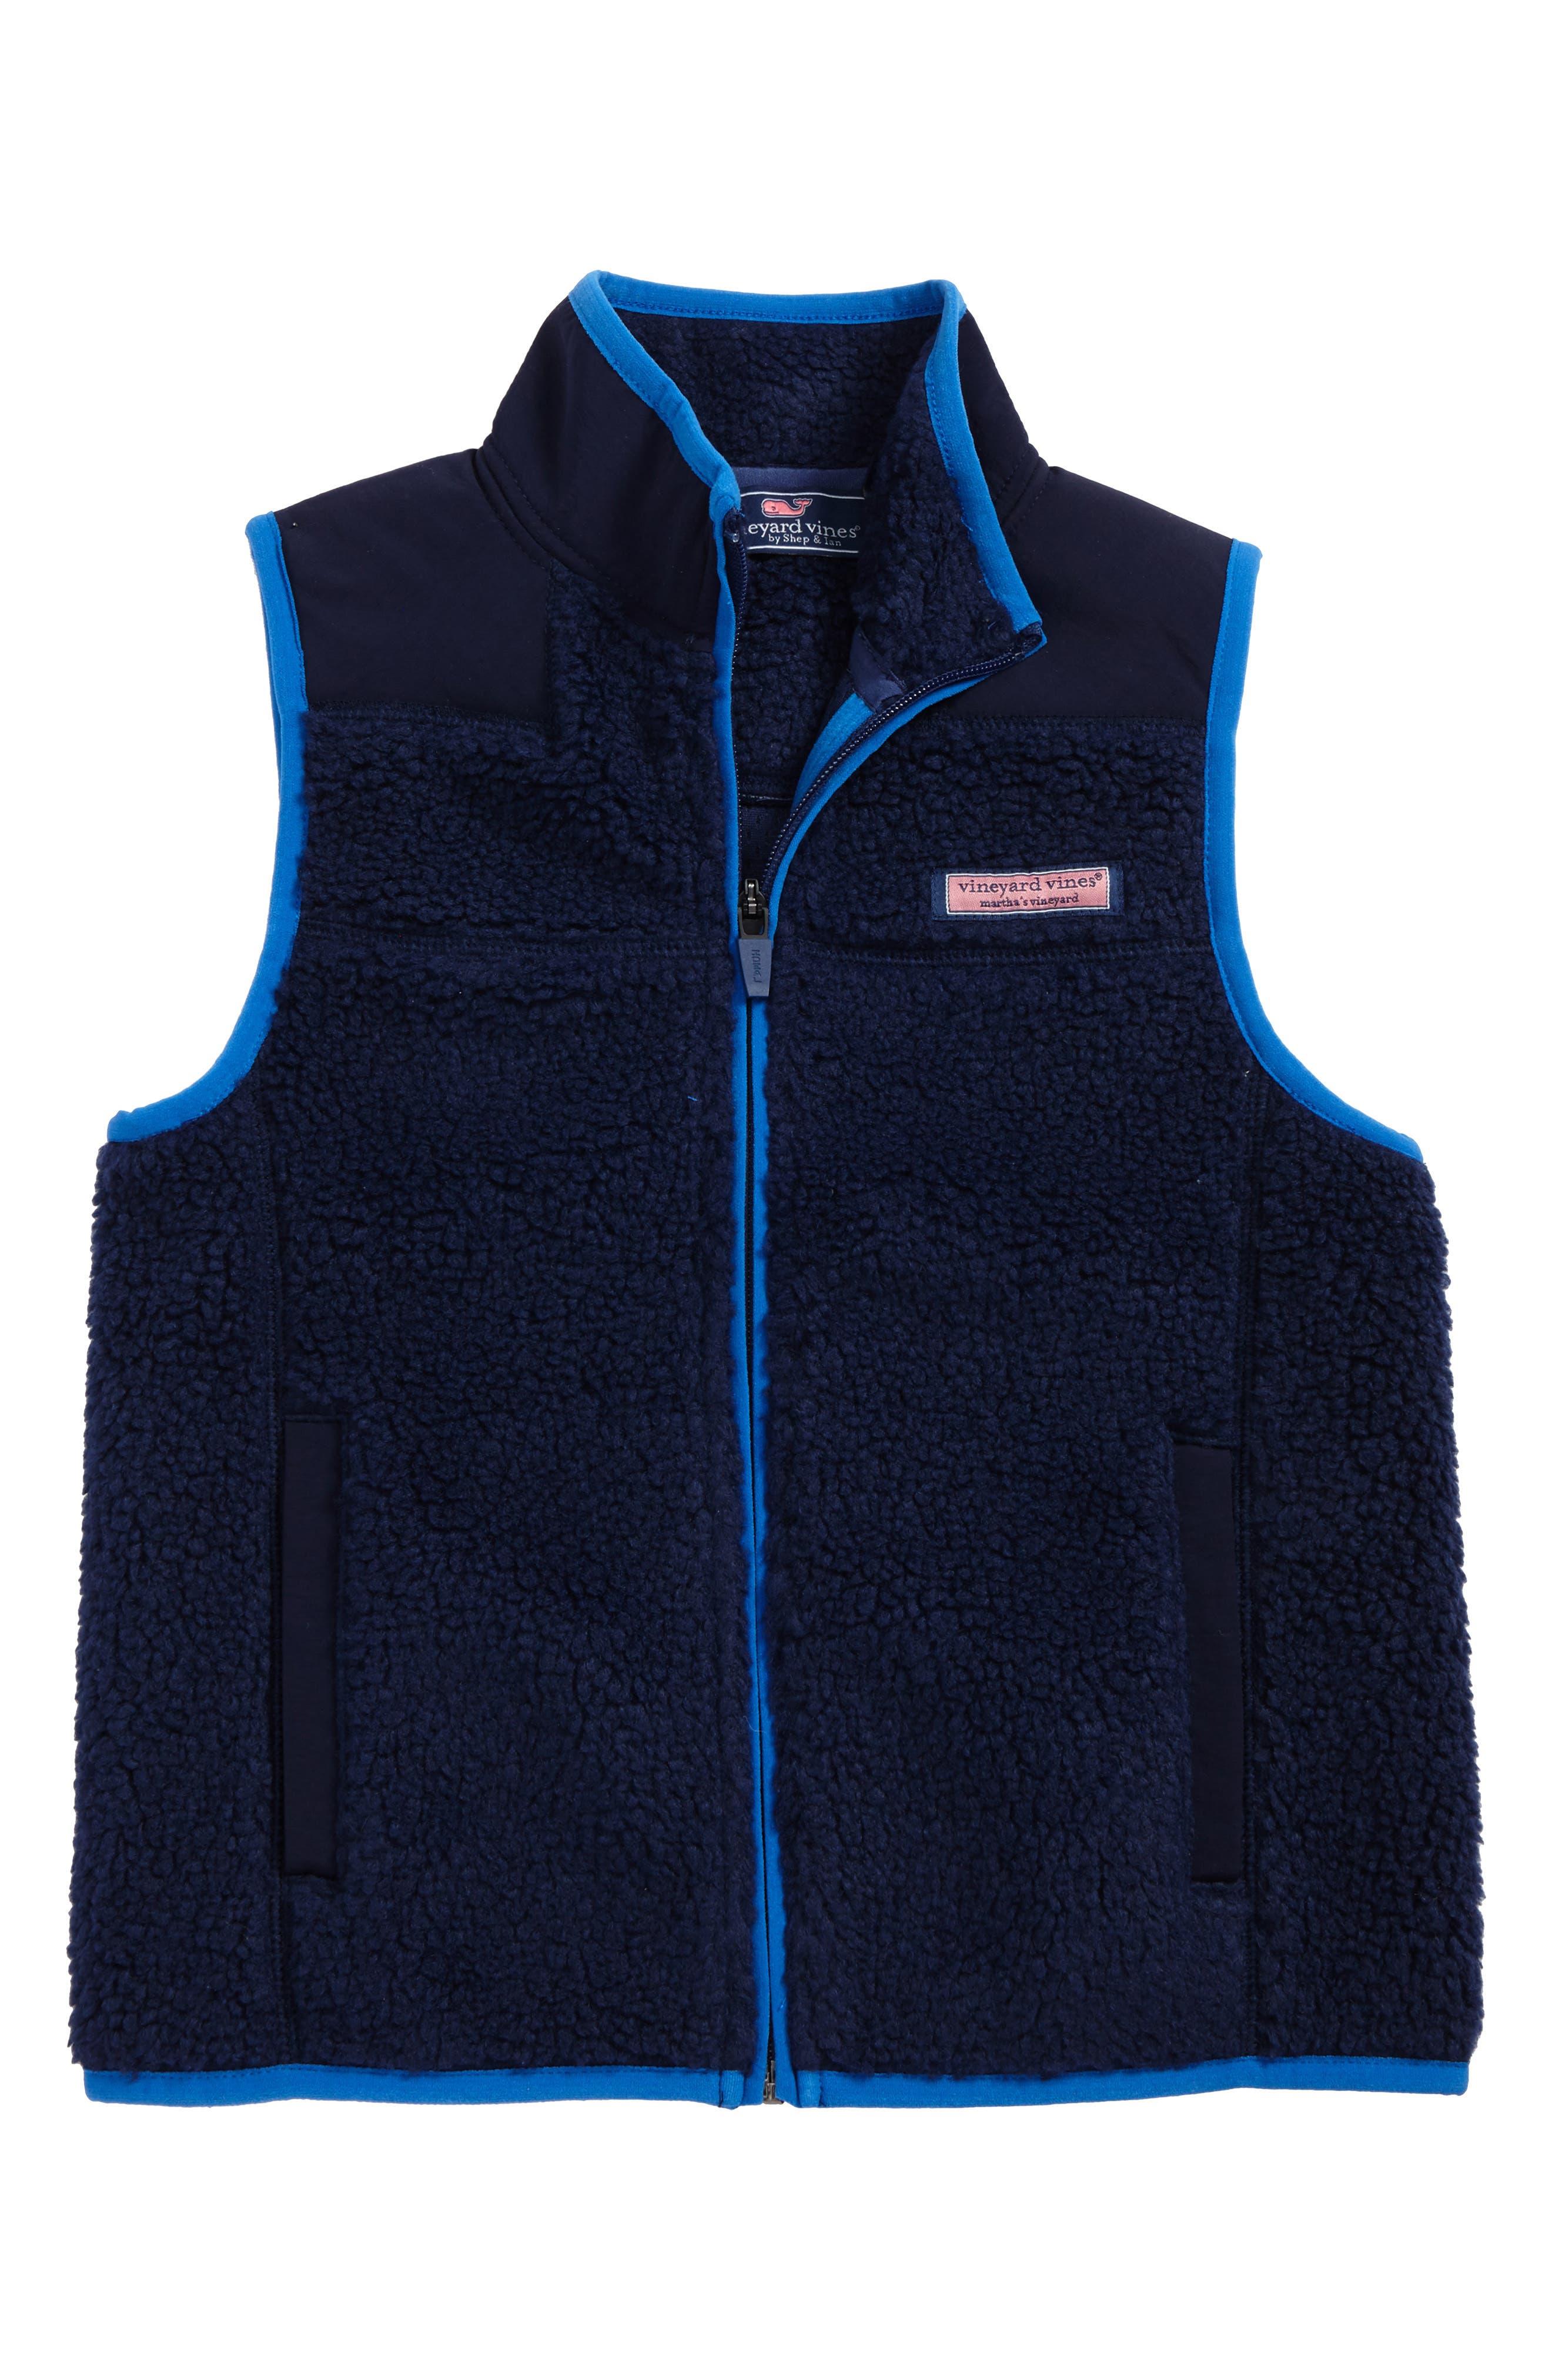 Main Image - vineyard vines Fleece Zip Vest (Big Boys)